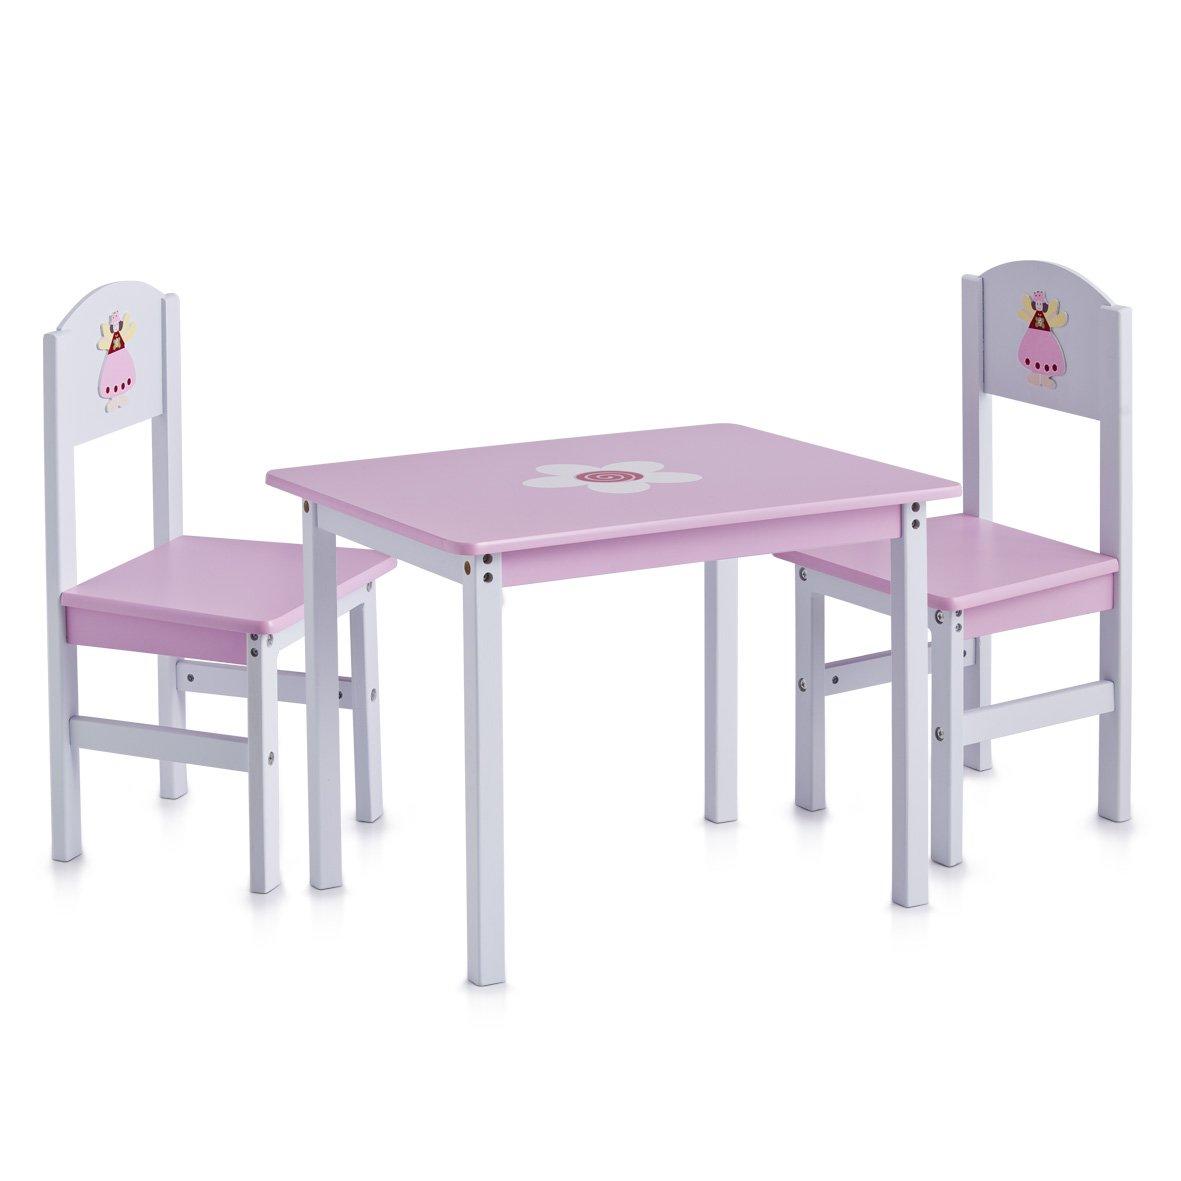 Zeller 13442 Set tavolo (60x48x45 cm) e sedie (28x26x54 cm) per bambini, 3 pezzi, in MDF, motivo principessa